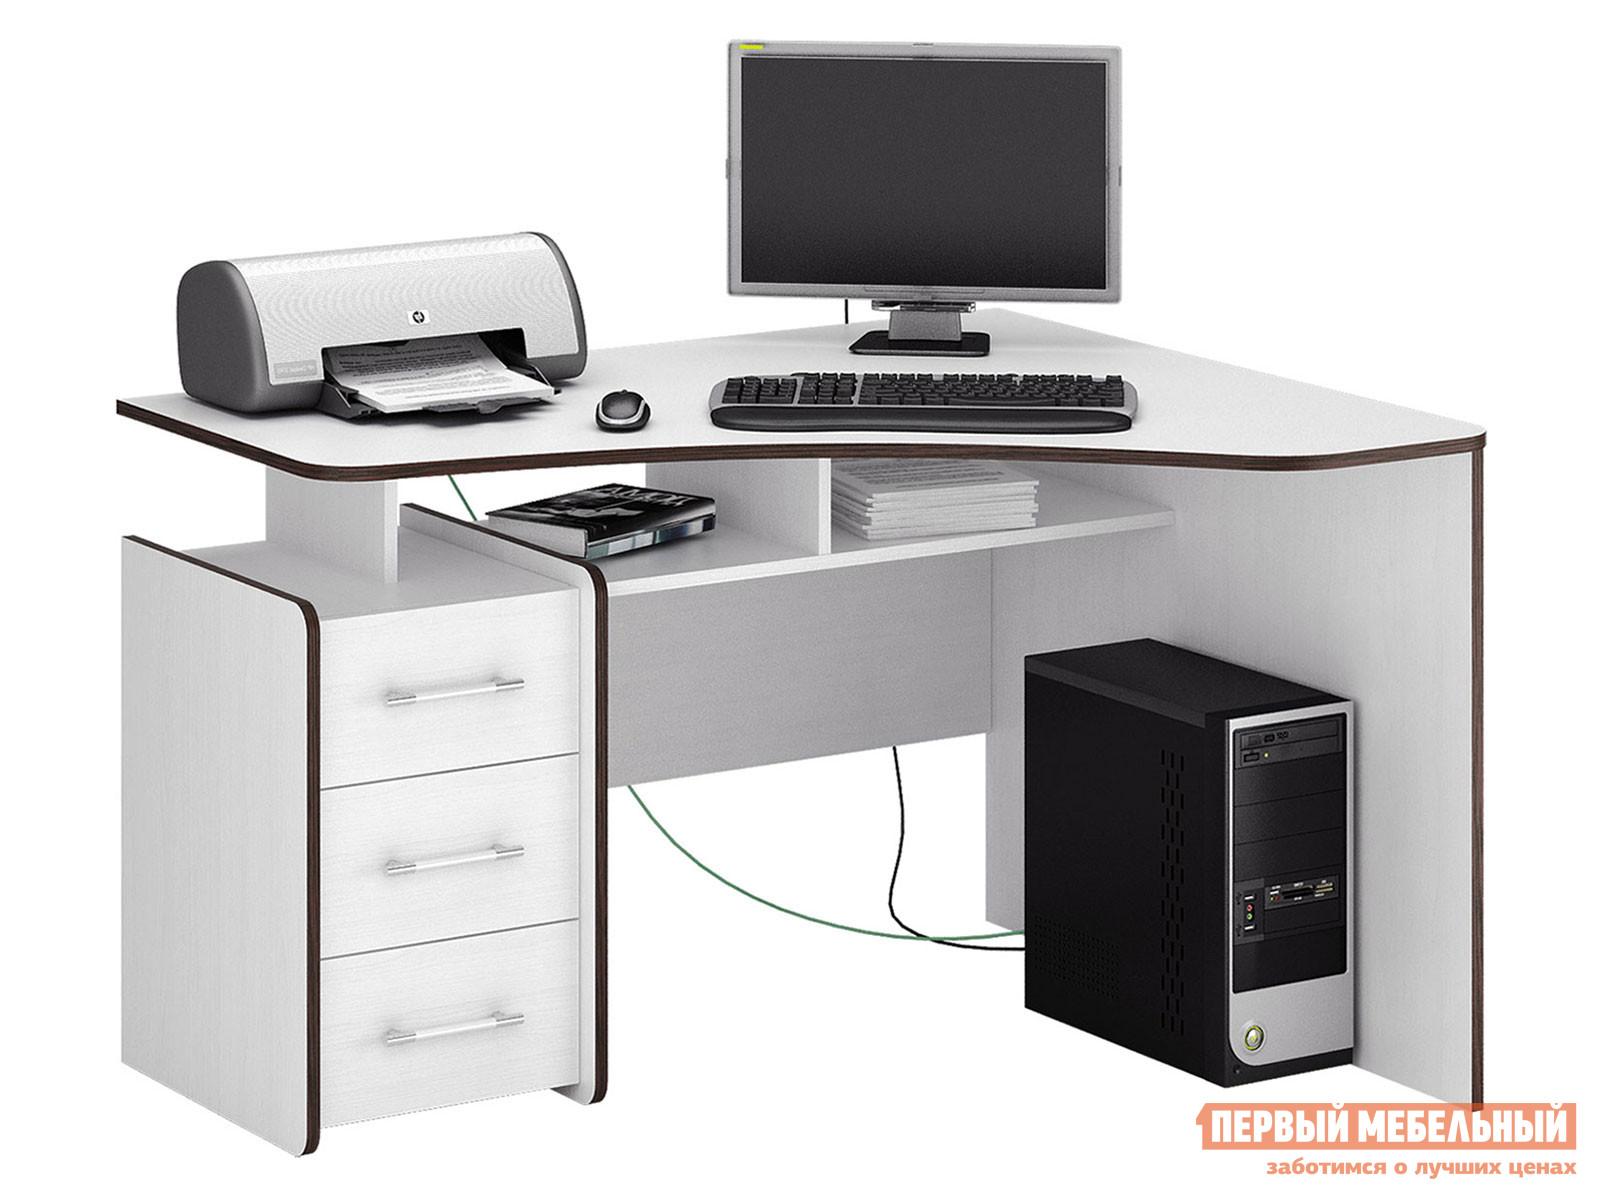 Фото - Компьютерный стол Первый Мебельный Триан-5 компьютерный стол первый мебельный комфорт 12 72